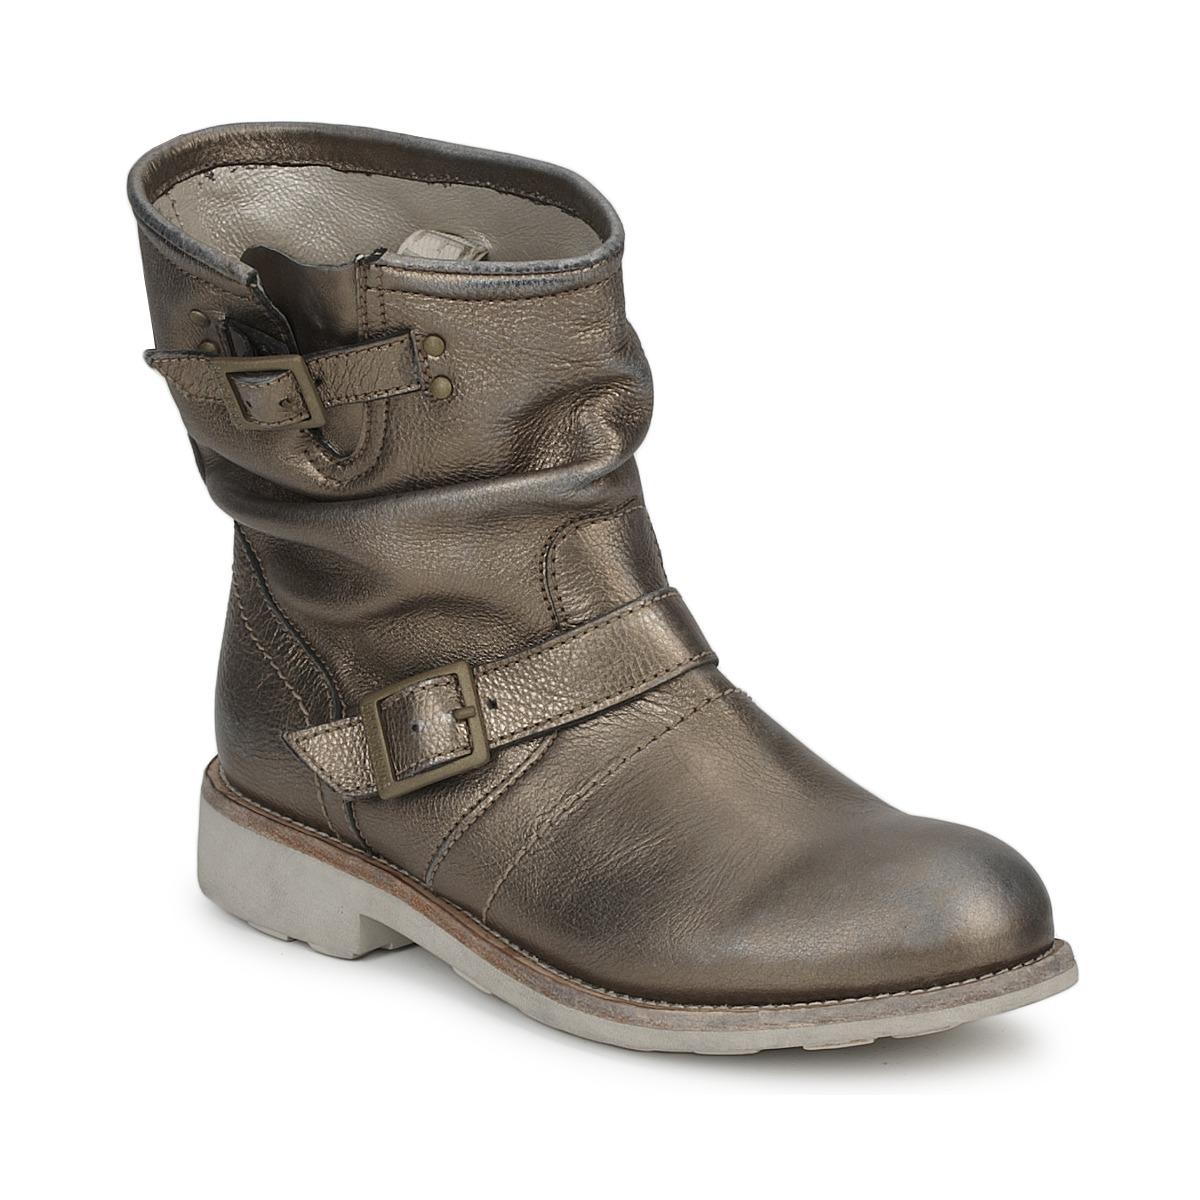 Bikkembergs VINTAGE 502 Grau - Kostenloser Versand bei Spartoode ! - Schuhe Boots Damen 144,50 €